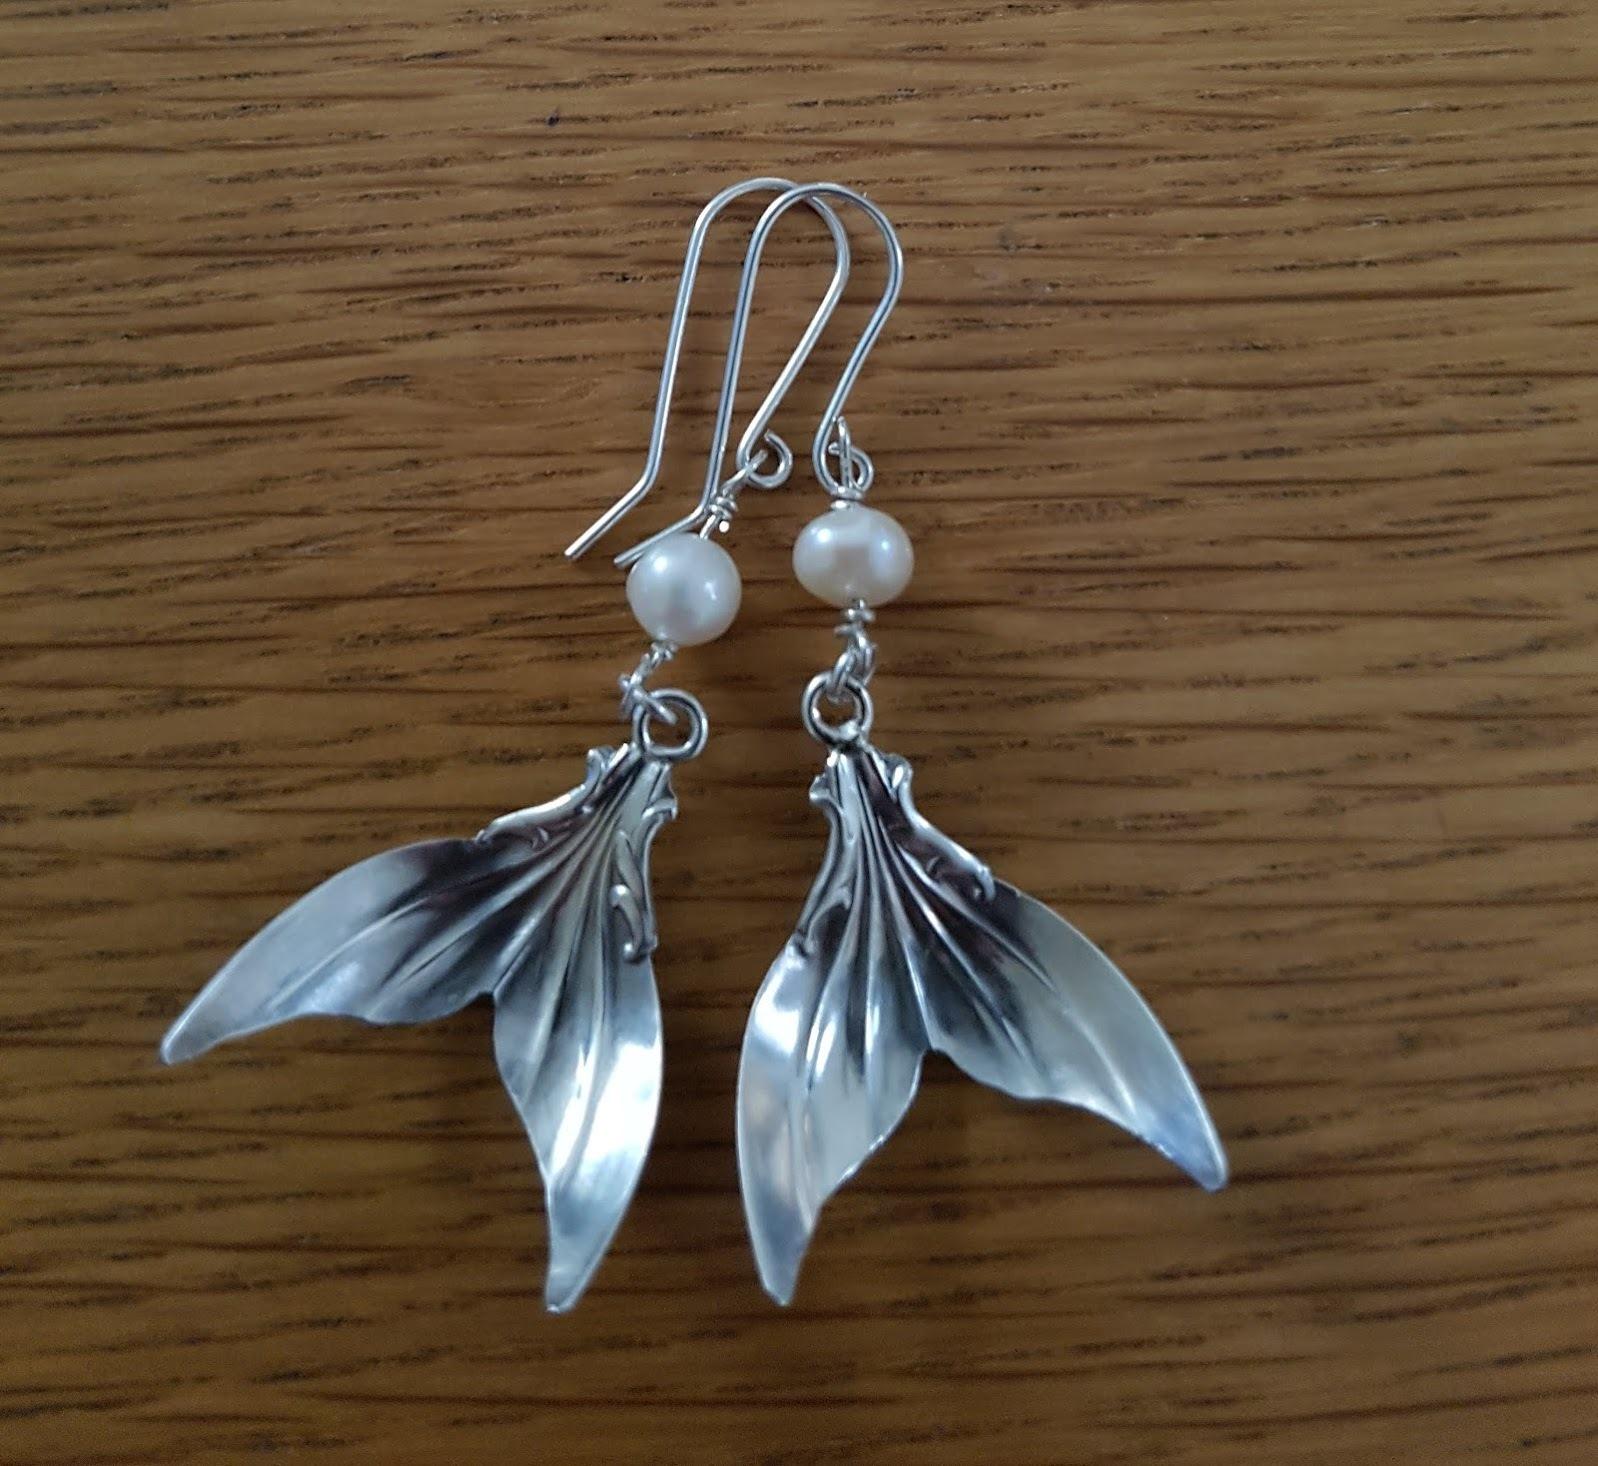 Mystical Mermaid Tail Earrings